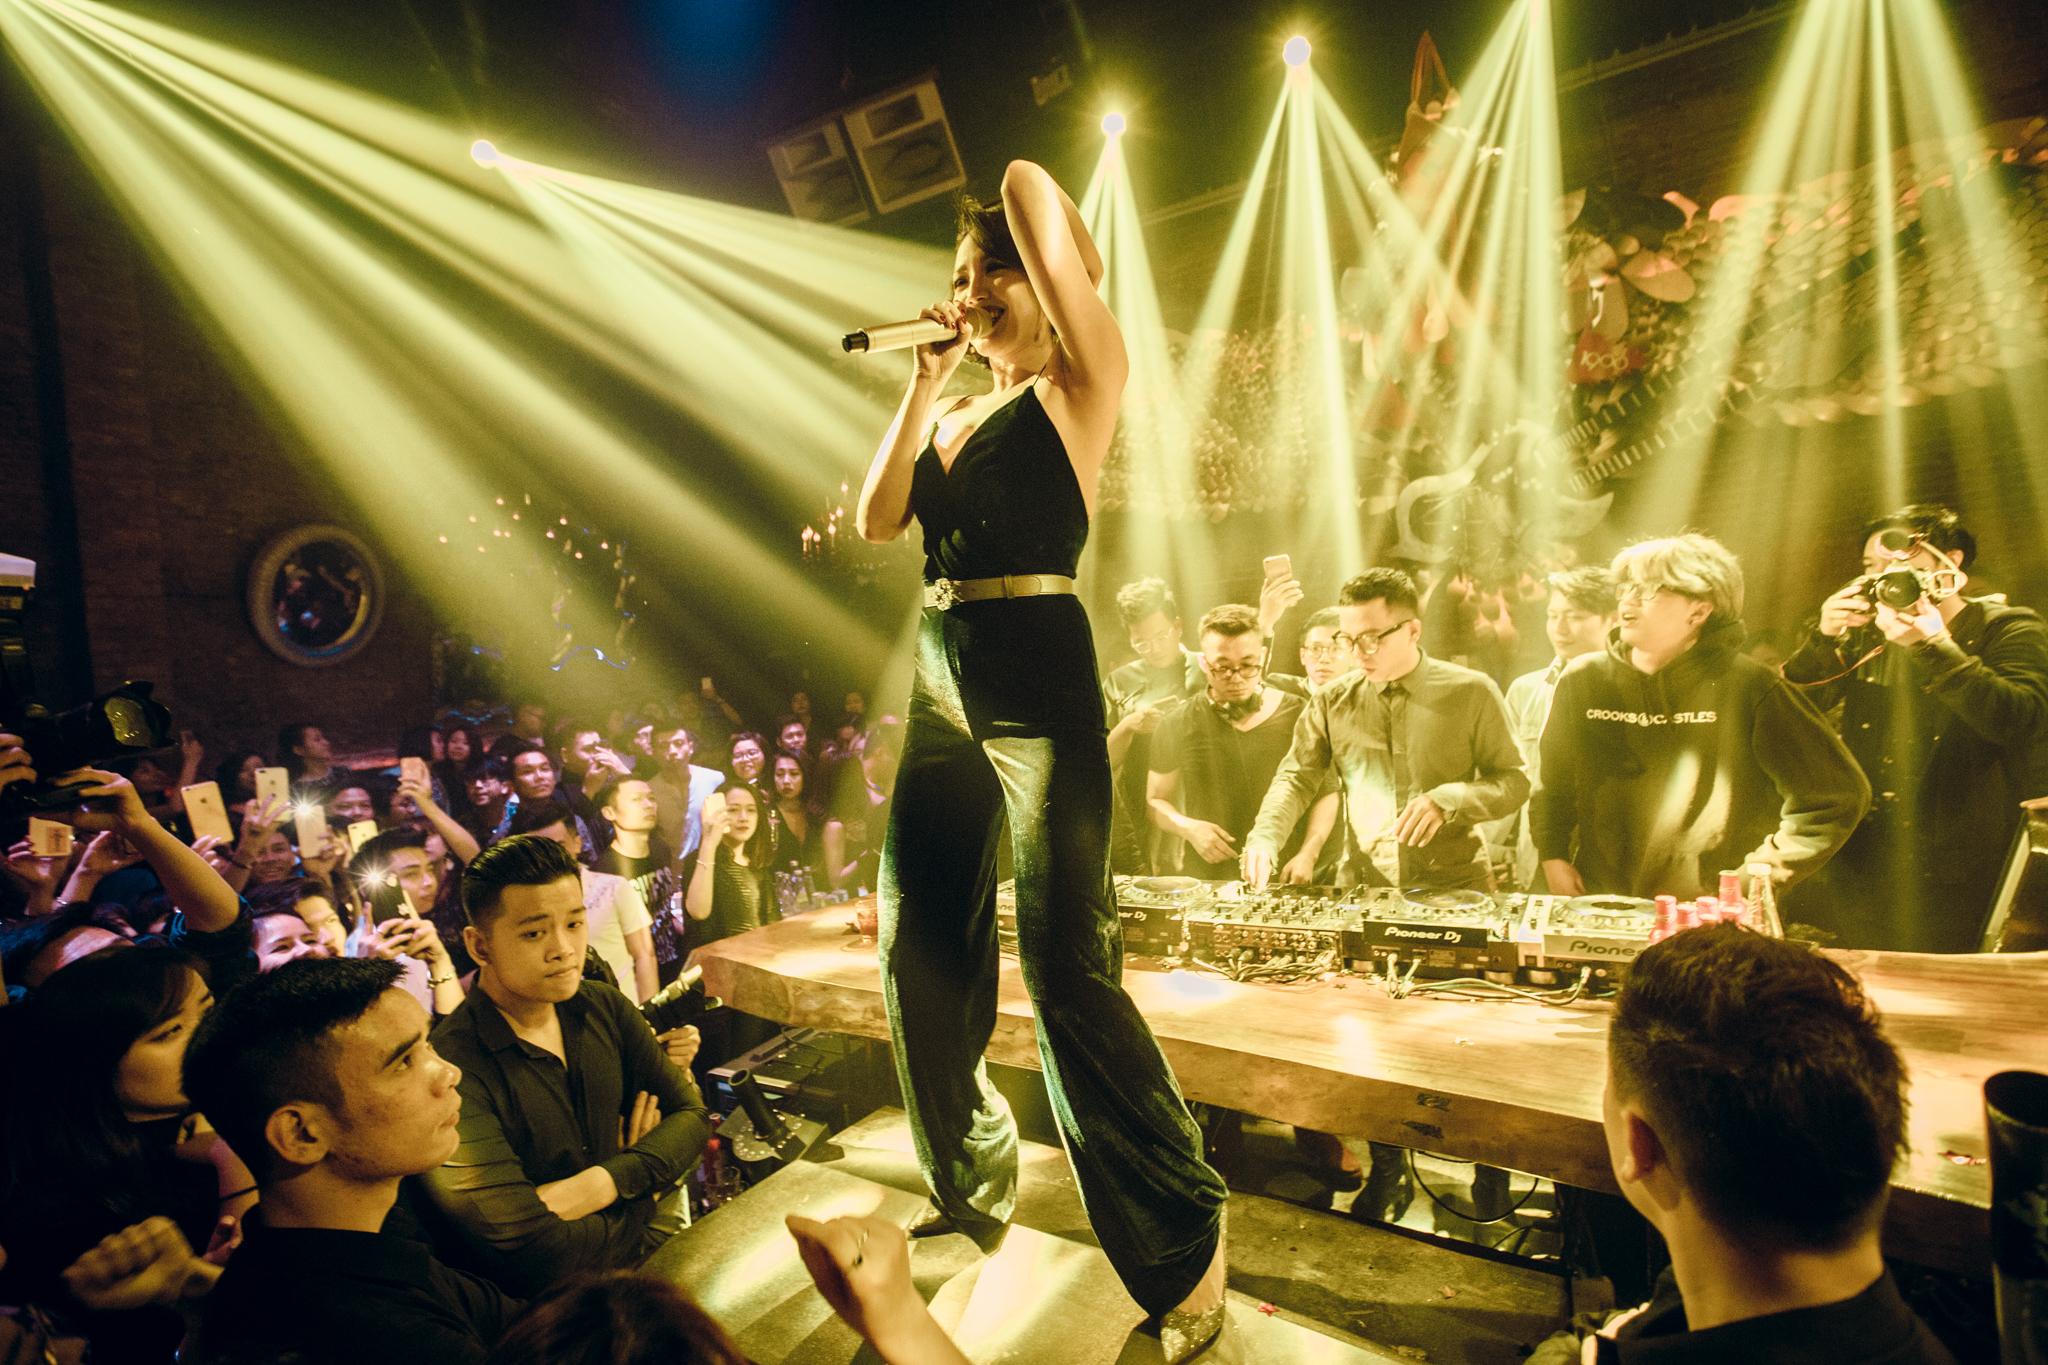 Tóc Tiên, Soobin Hoàng Sơn quẩy tung nightclub Hà Nội đêm cuối tuần - Ảnh 7.